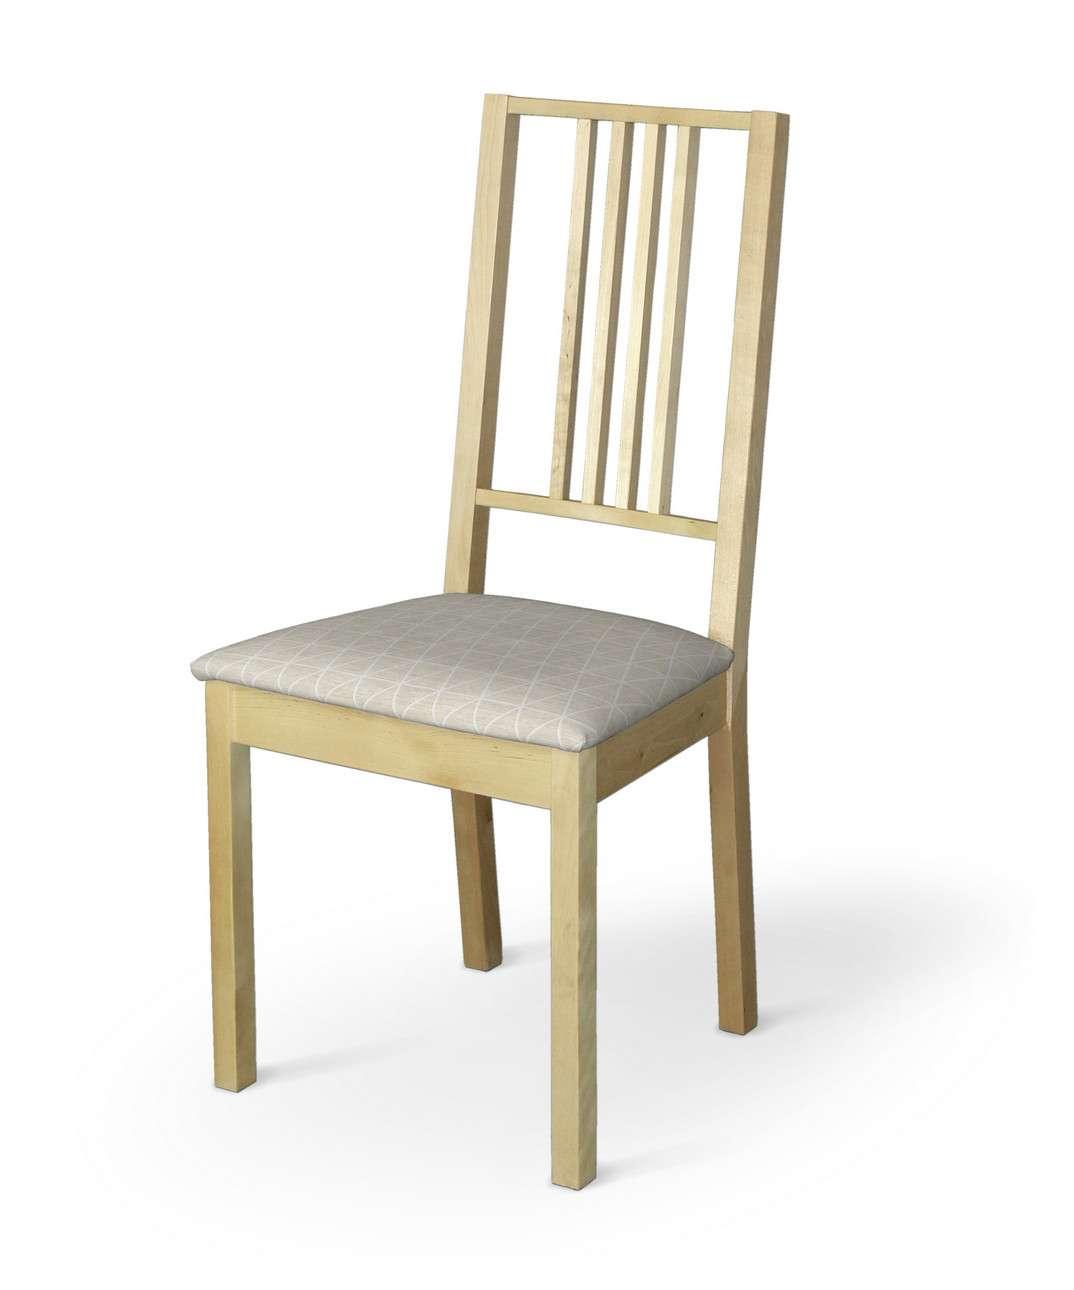 Pokrowiec na siedzisko Börje w kolekcji Sunny, tkanina: 143-49